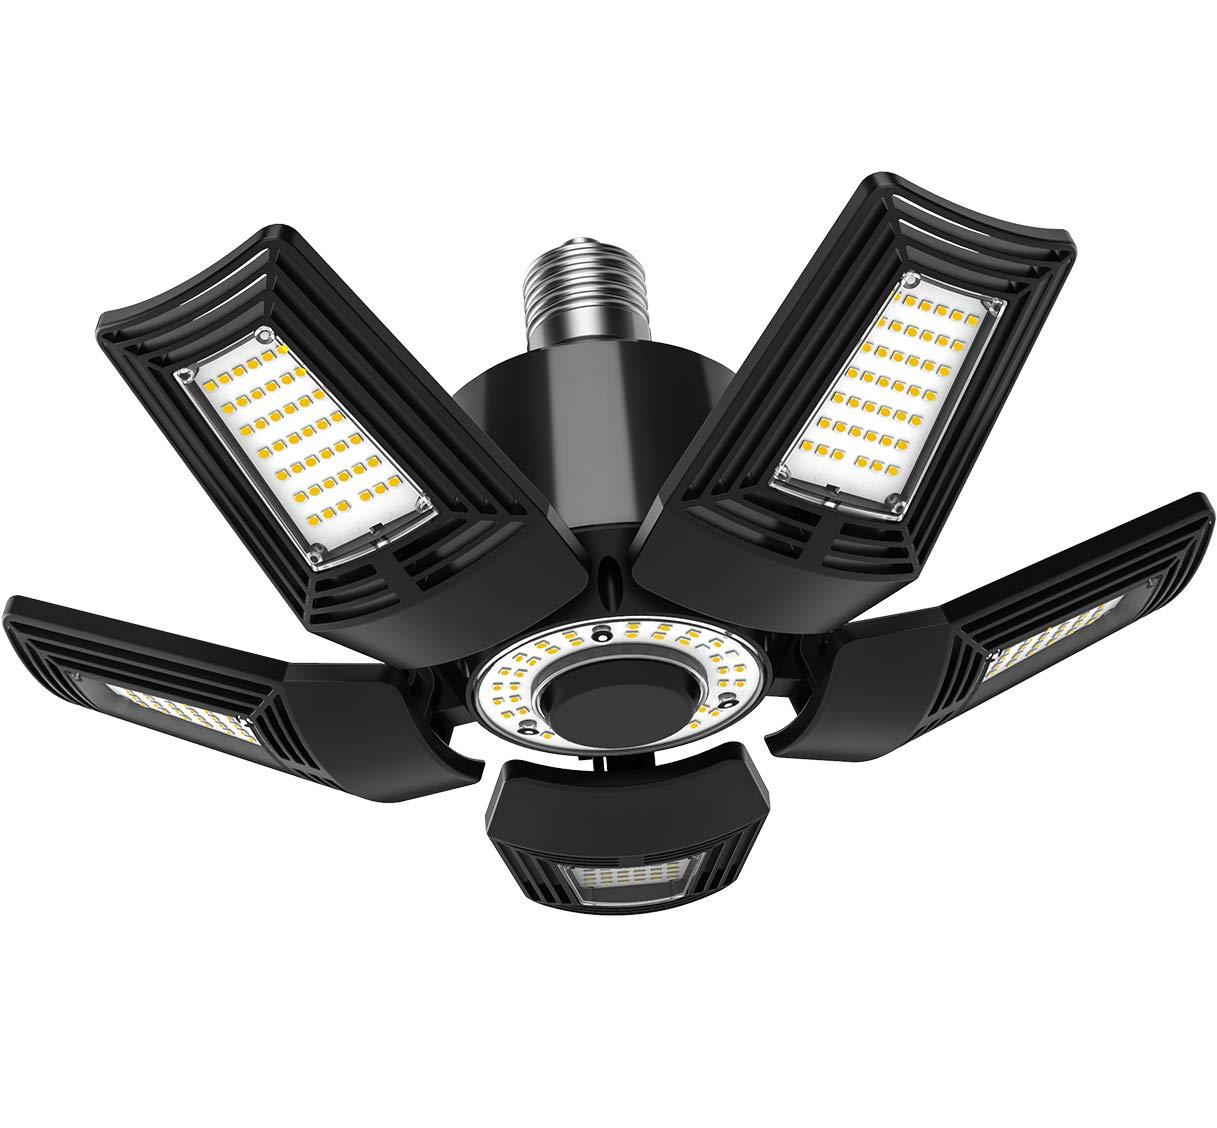 LED Garage Light Bulb 5-Leaf Adjustable Ceiling Lamp 14,000 Lumens 5000K Daylight E39 Mogul Base for Warehouse Garage Workshop Shop Barn Basement (100-277 V)